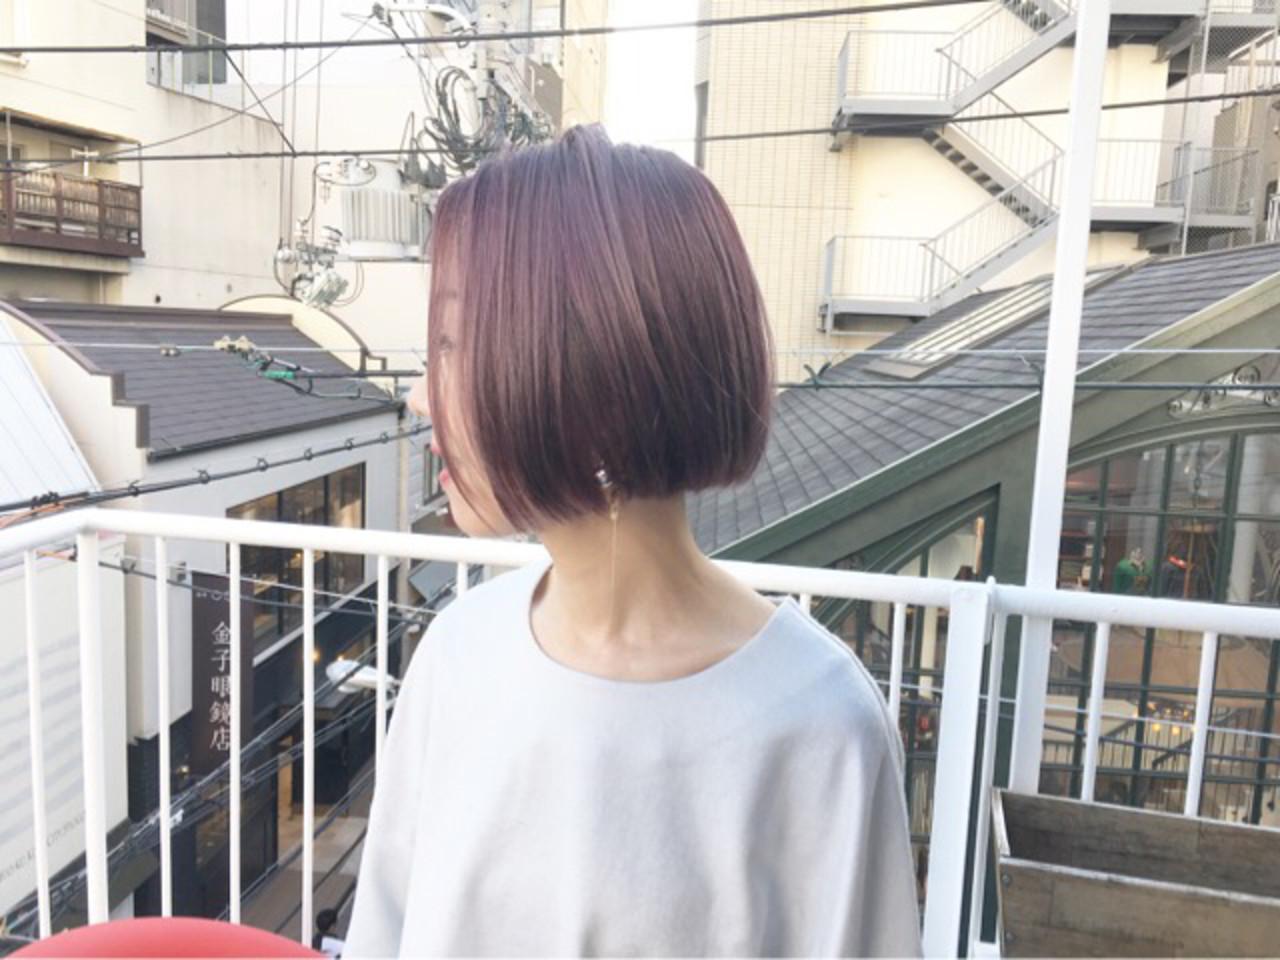 ピンクバイオレット ラズベリーピンク ラベンダーピンク ピンクラベンダー ヘアスタイルや髪型の写真・画像   COM PASS タイチ / COM PASS